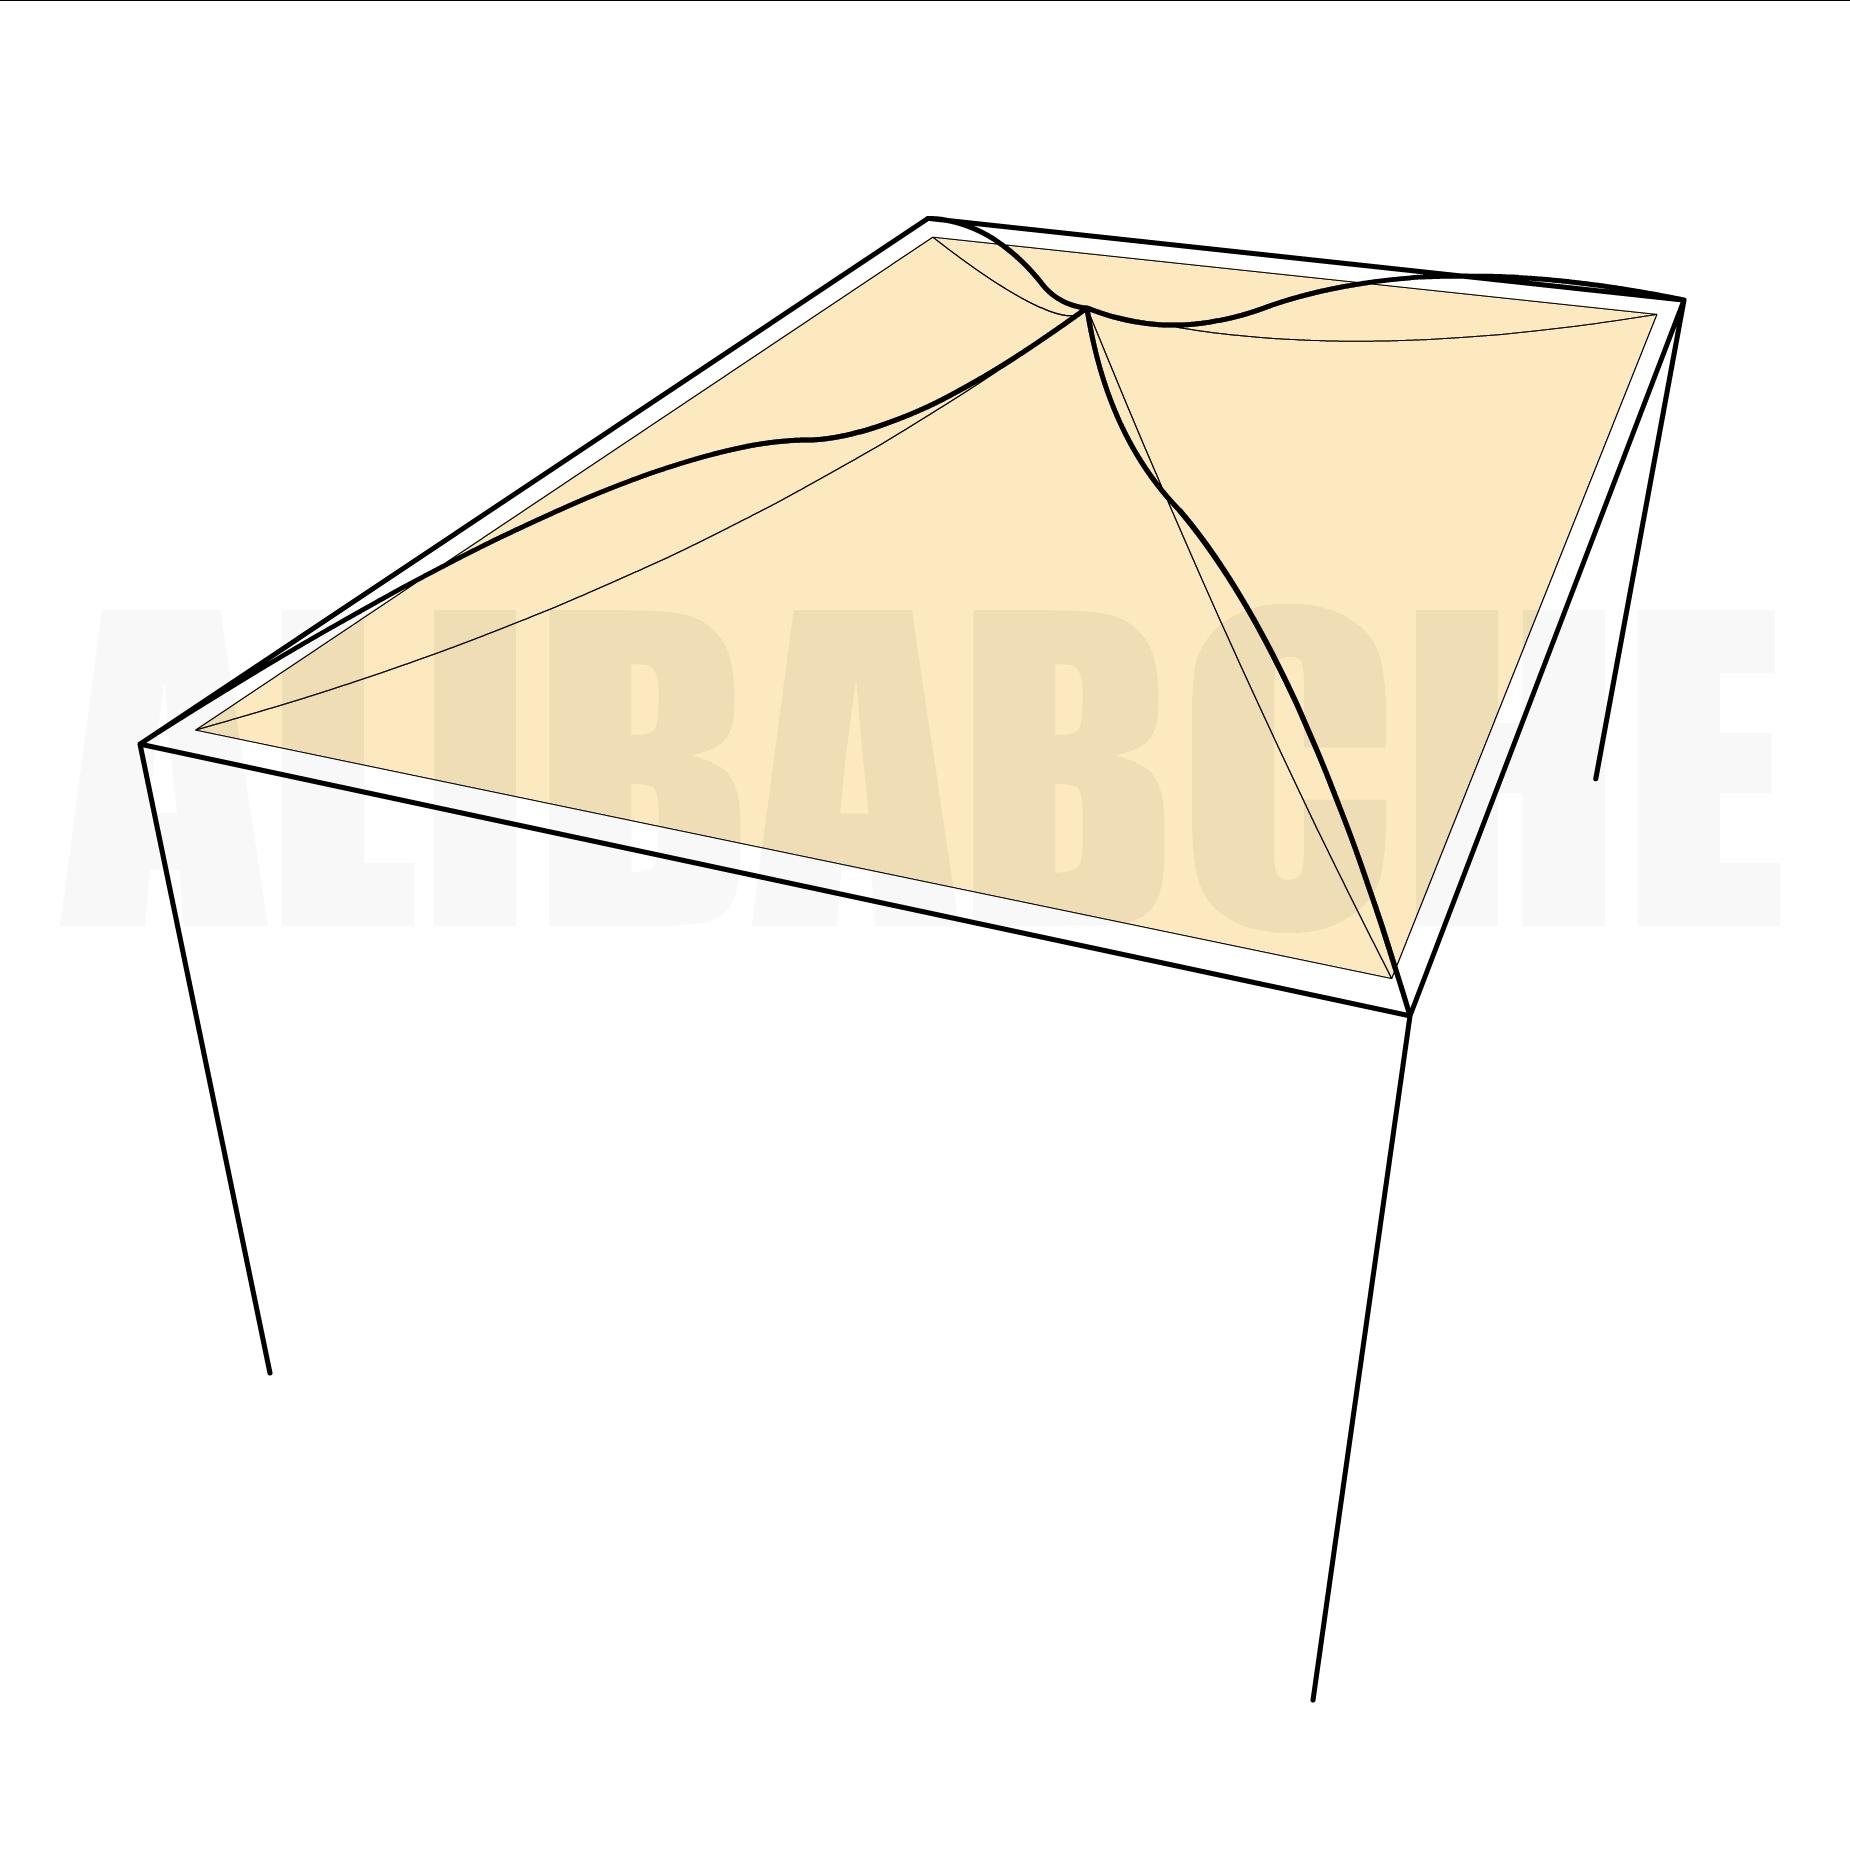 Bâche tonnelle rectangle 4 pentes suspendue en Protect cover 705 670gr/m², toile PVC Etanche Beige - 5.8x3m